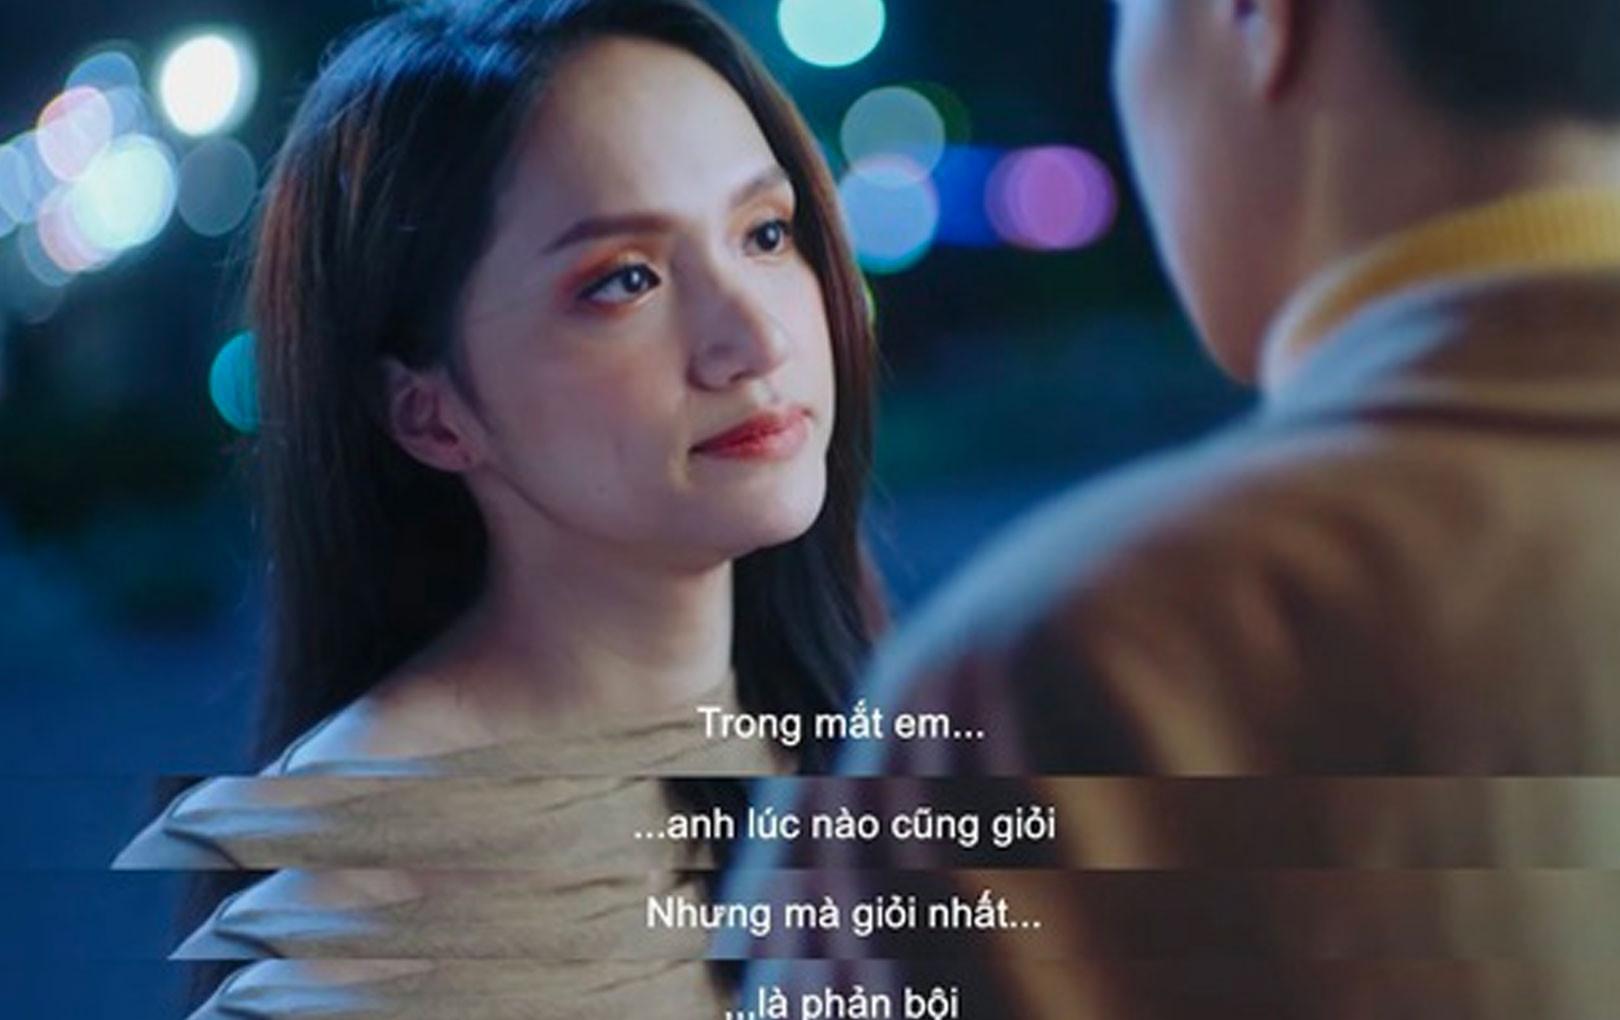 """Đặc sản trong series MV ADODDA, Hương Giang có thêm """"trend quote"""" mới : """"Anh lúc nào cũng giỏi, nhưng giỏi nhất là phản bội!"""""""